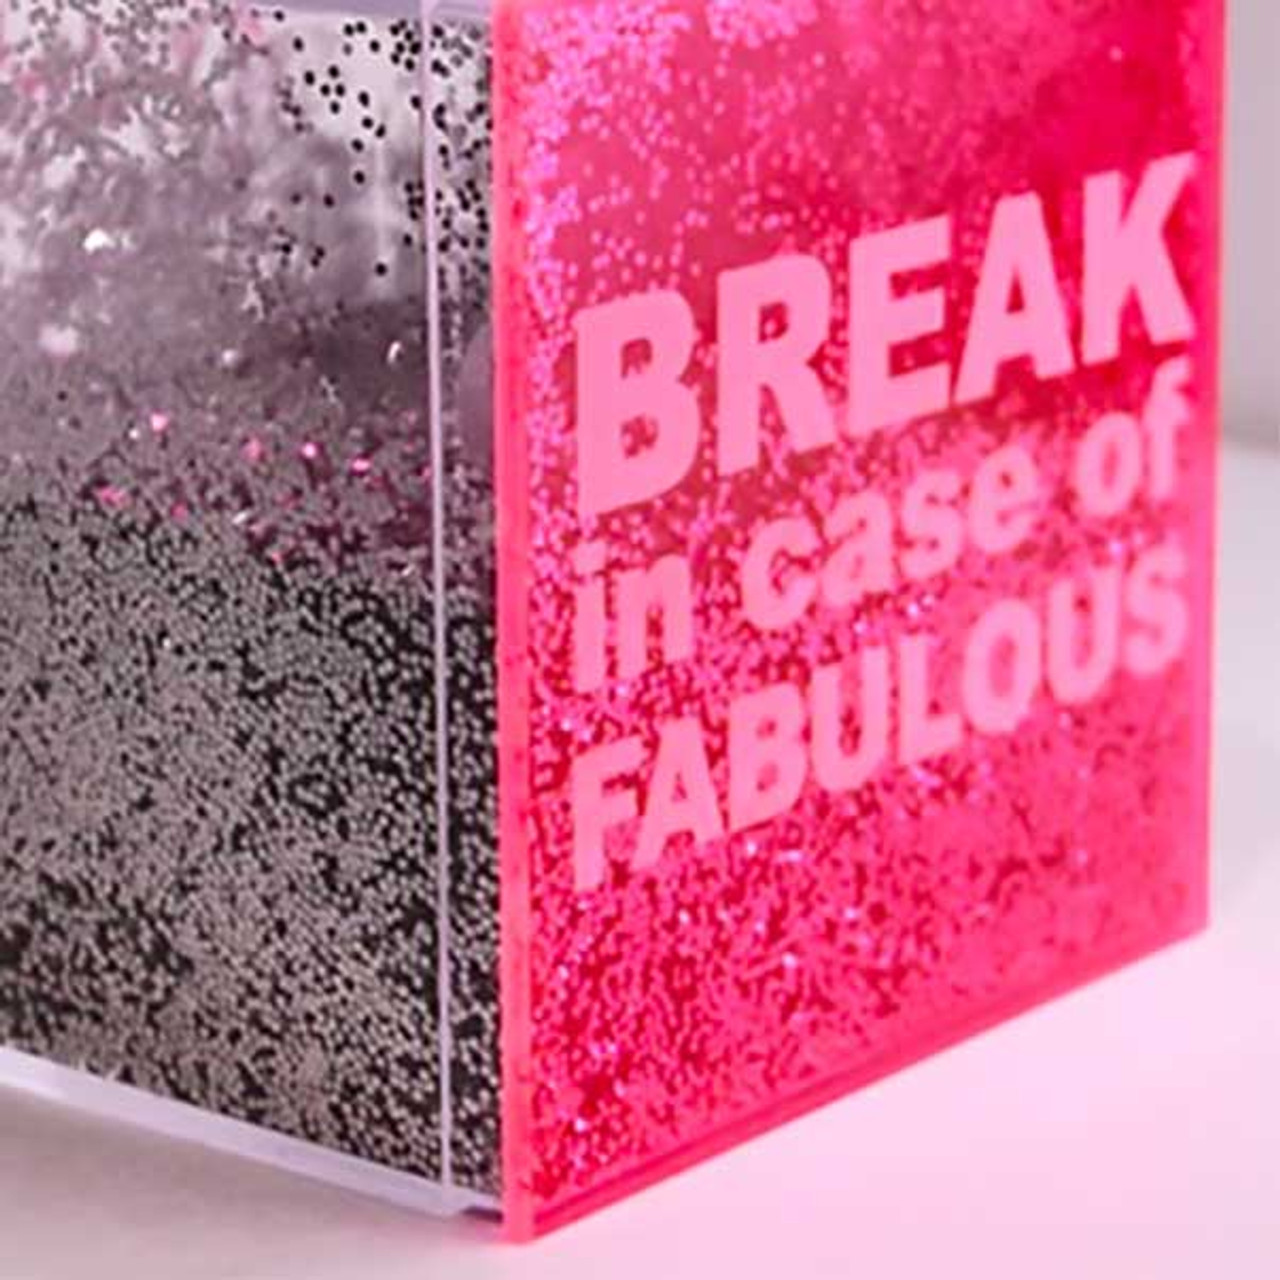 Break in Case of Fabulous Glitter Box